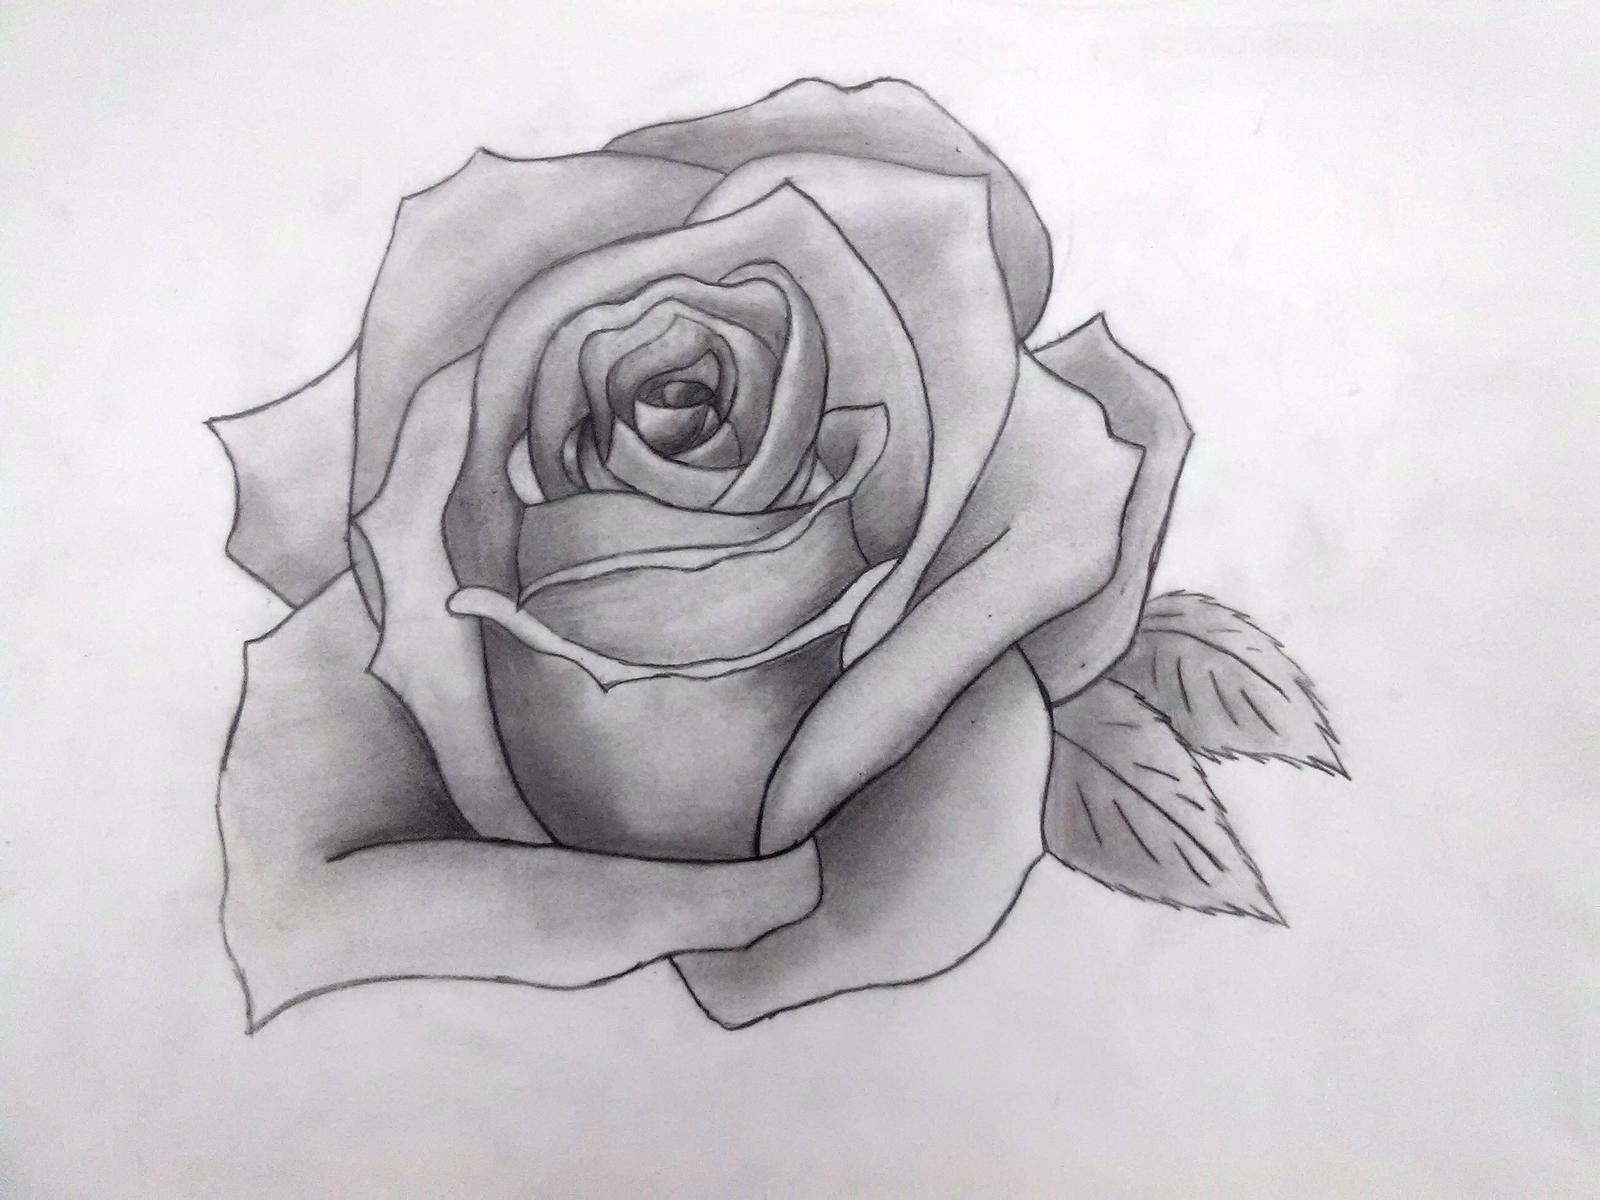 Hình ảnh tranh vẽ hoa hồng bằng bút chì đẹp nhất